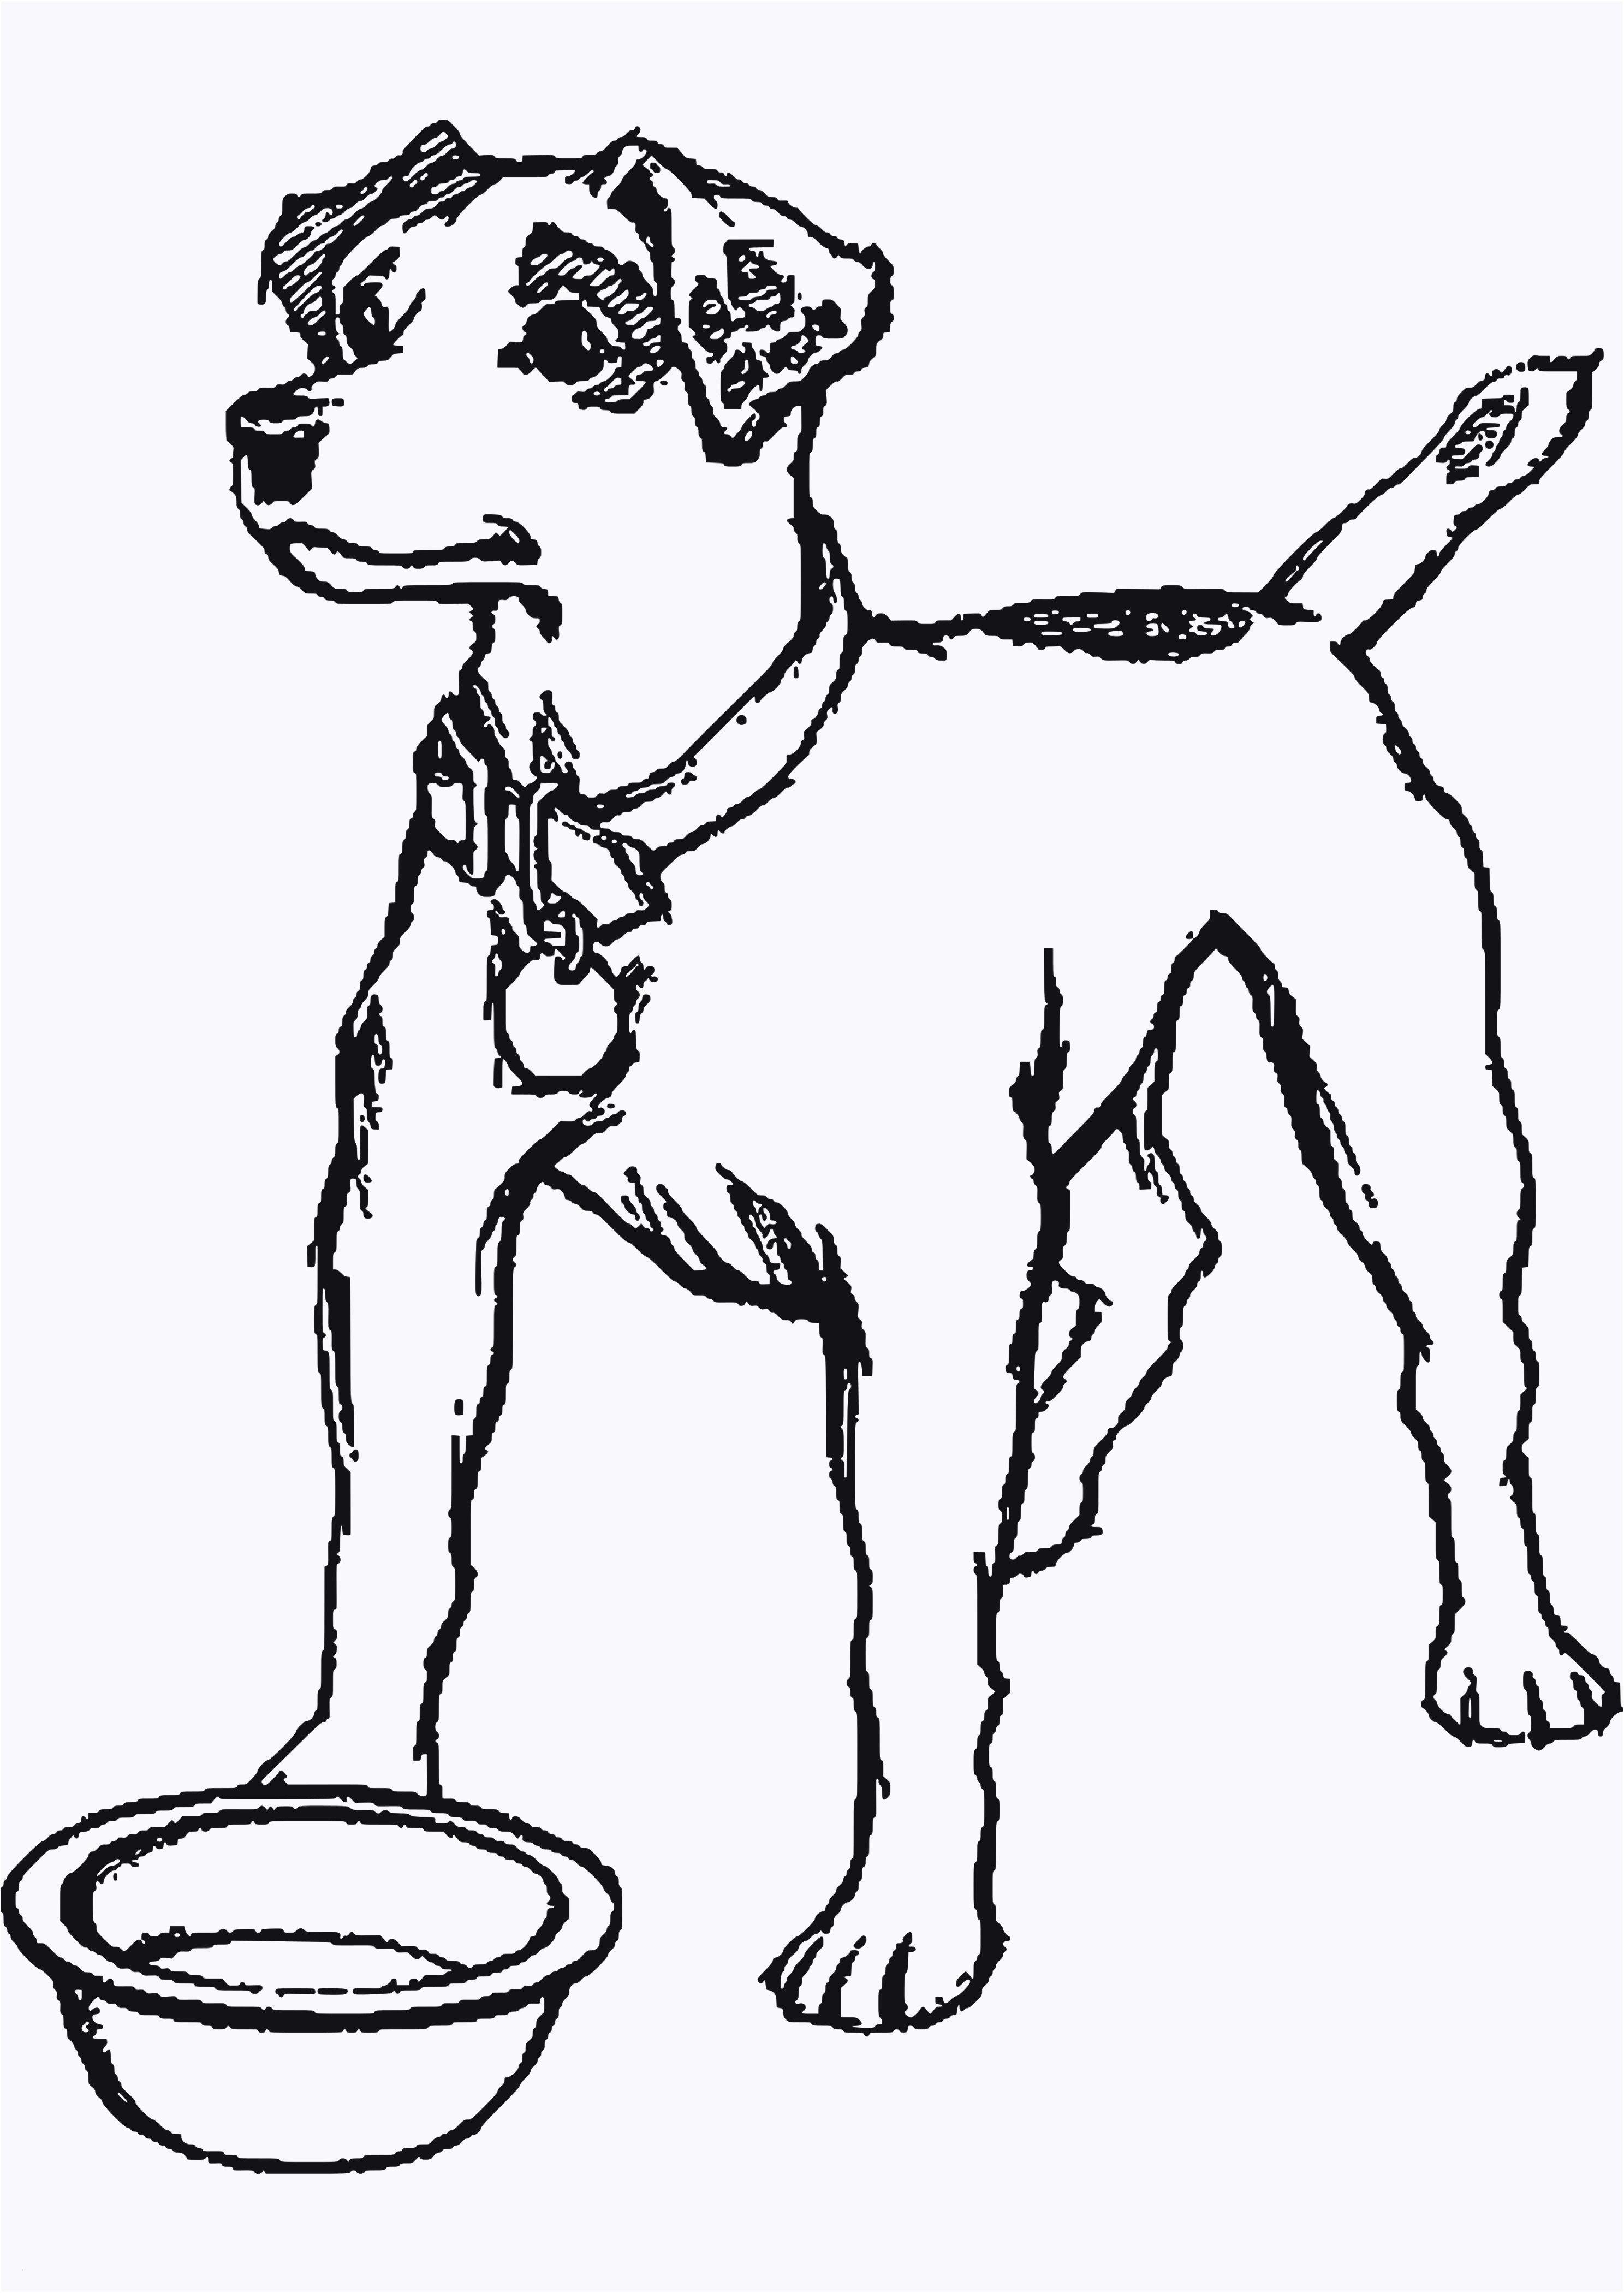 Ausmalbilder Zum Ausdrucken Hunde Das Beste Von Malvorlagen Igel Elegant Igel Grundschule 0d Archives Uploadertalk Fotografieren